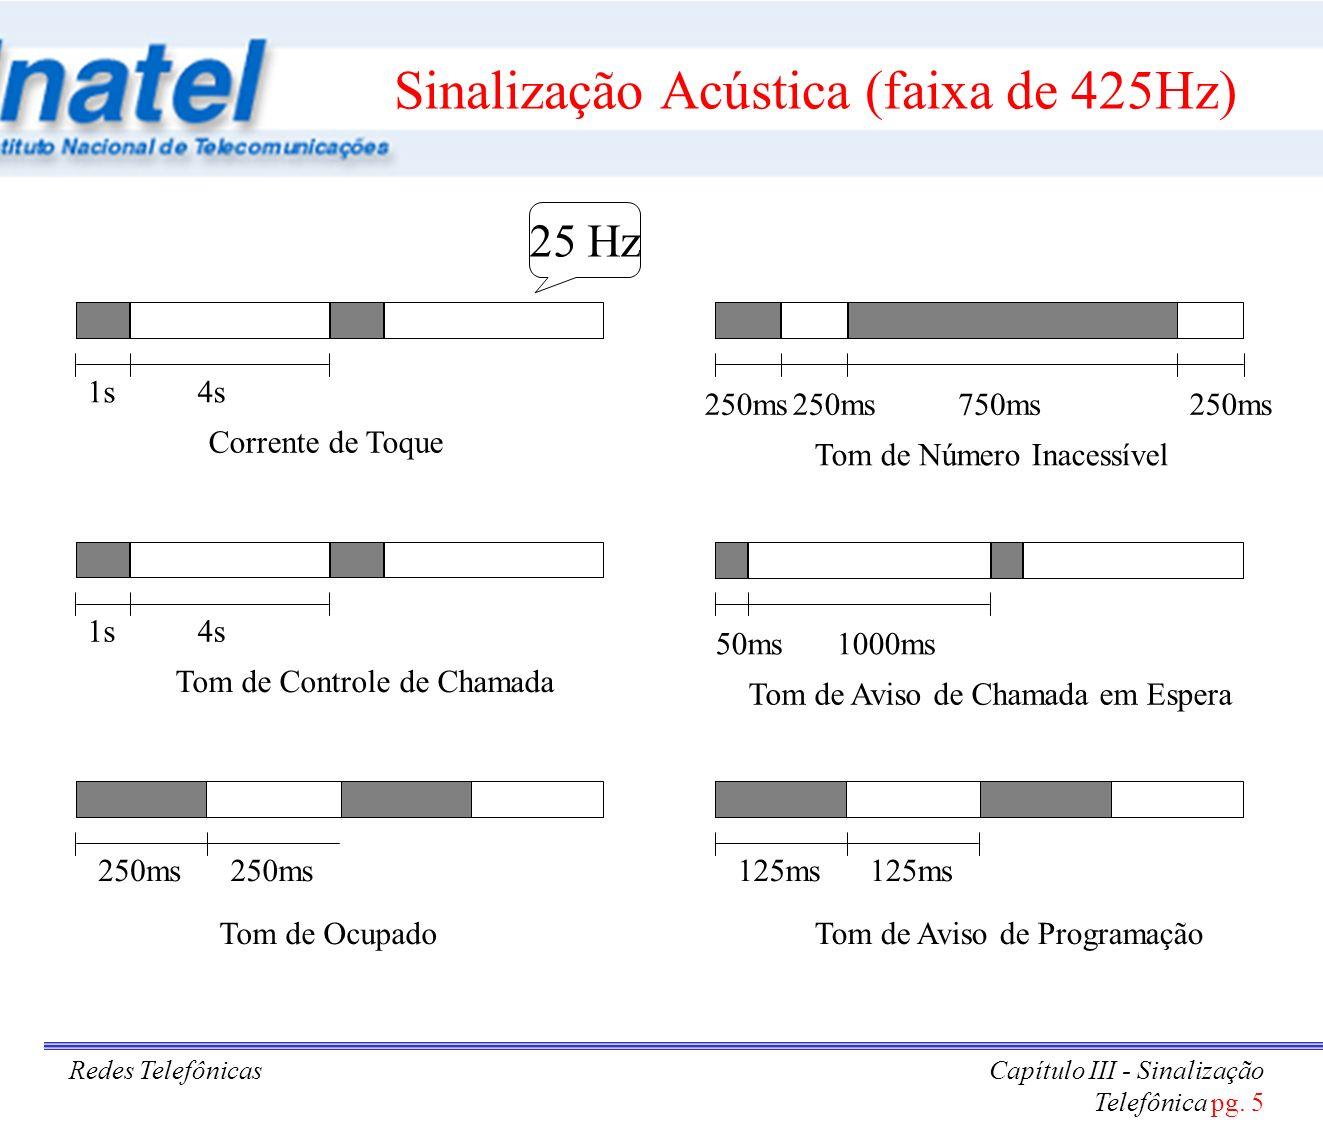 Redes TelefônicasCapítulo III - Sinalização Telefônica pg. 5 Sinalização Acústica (faixa de 425Hz) 1s4s Tom de Controle de Chamada 250ms Tom de Ocupad